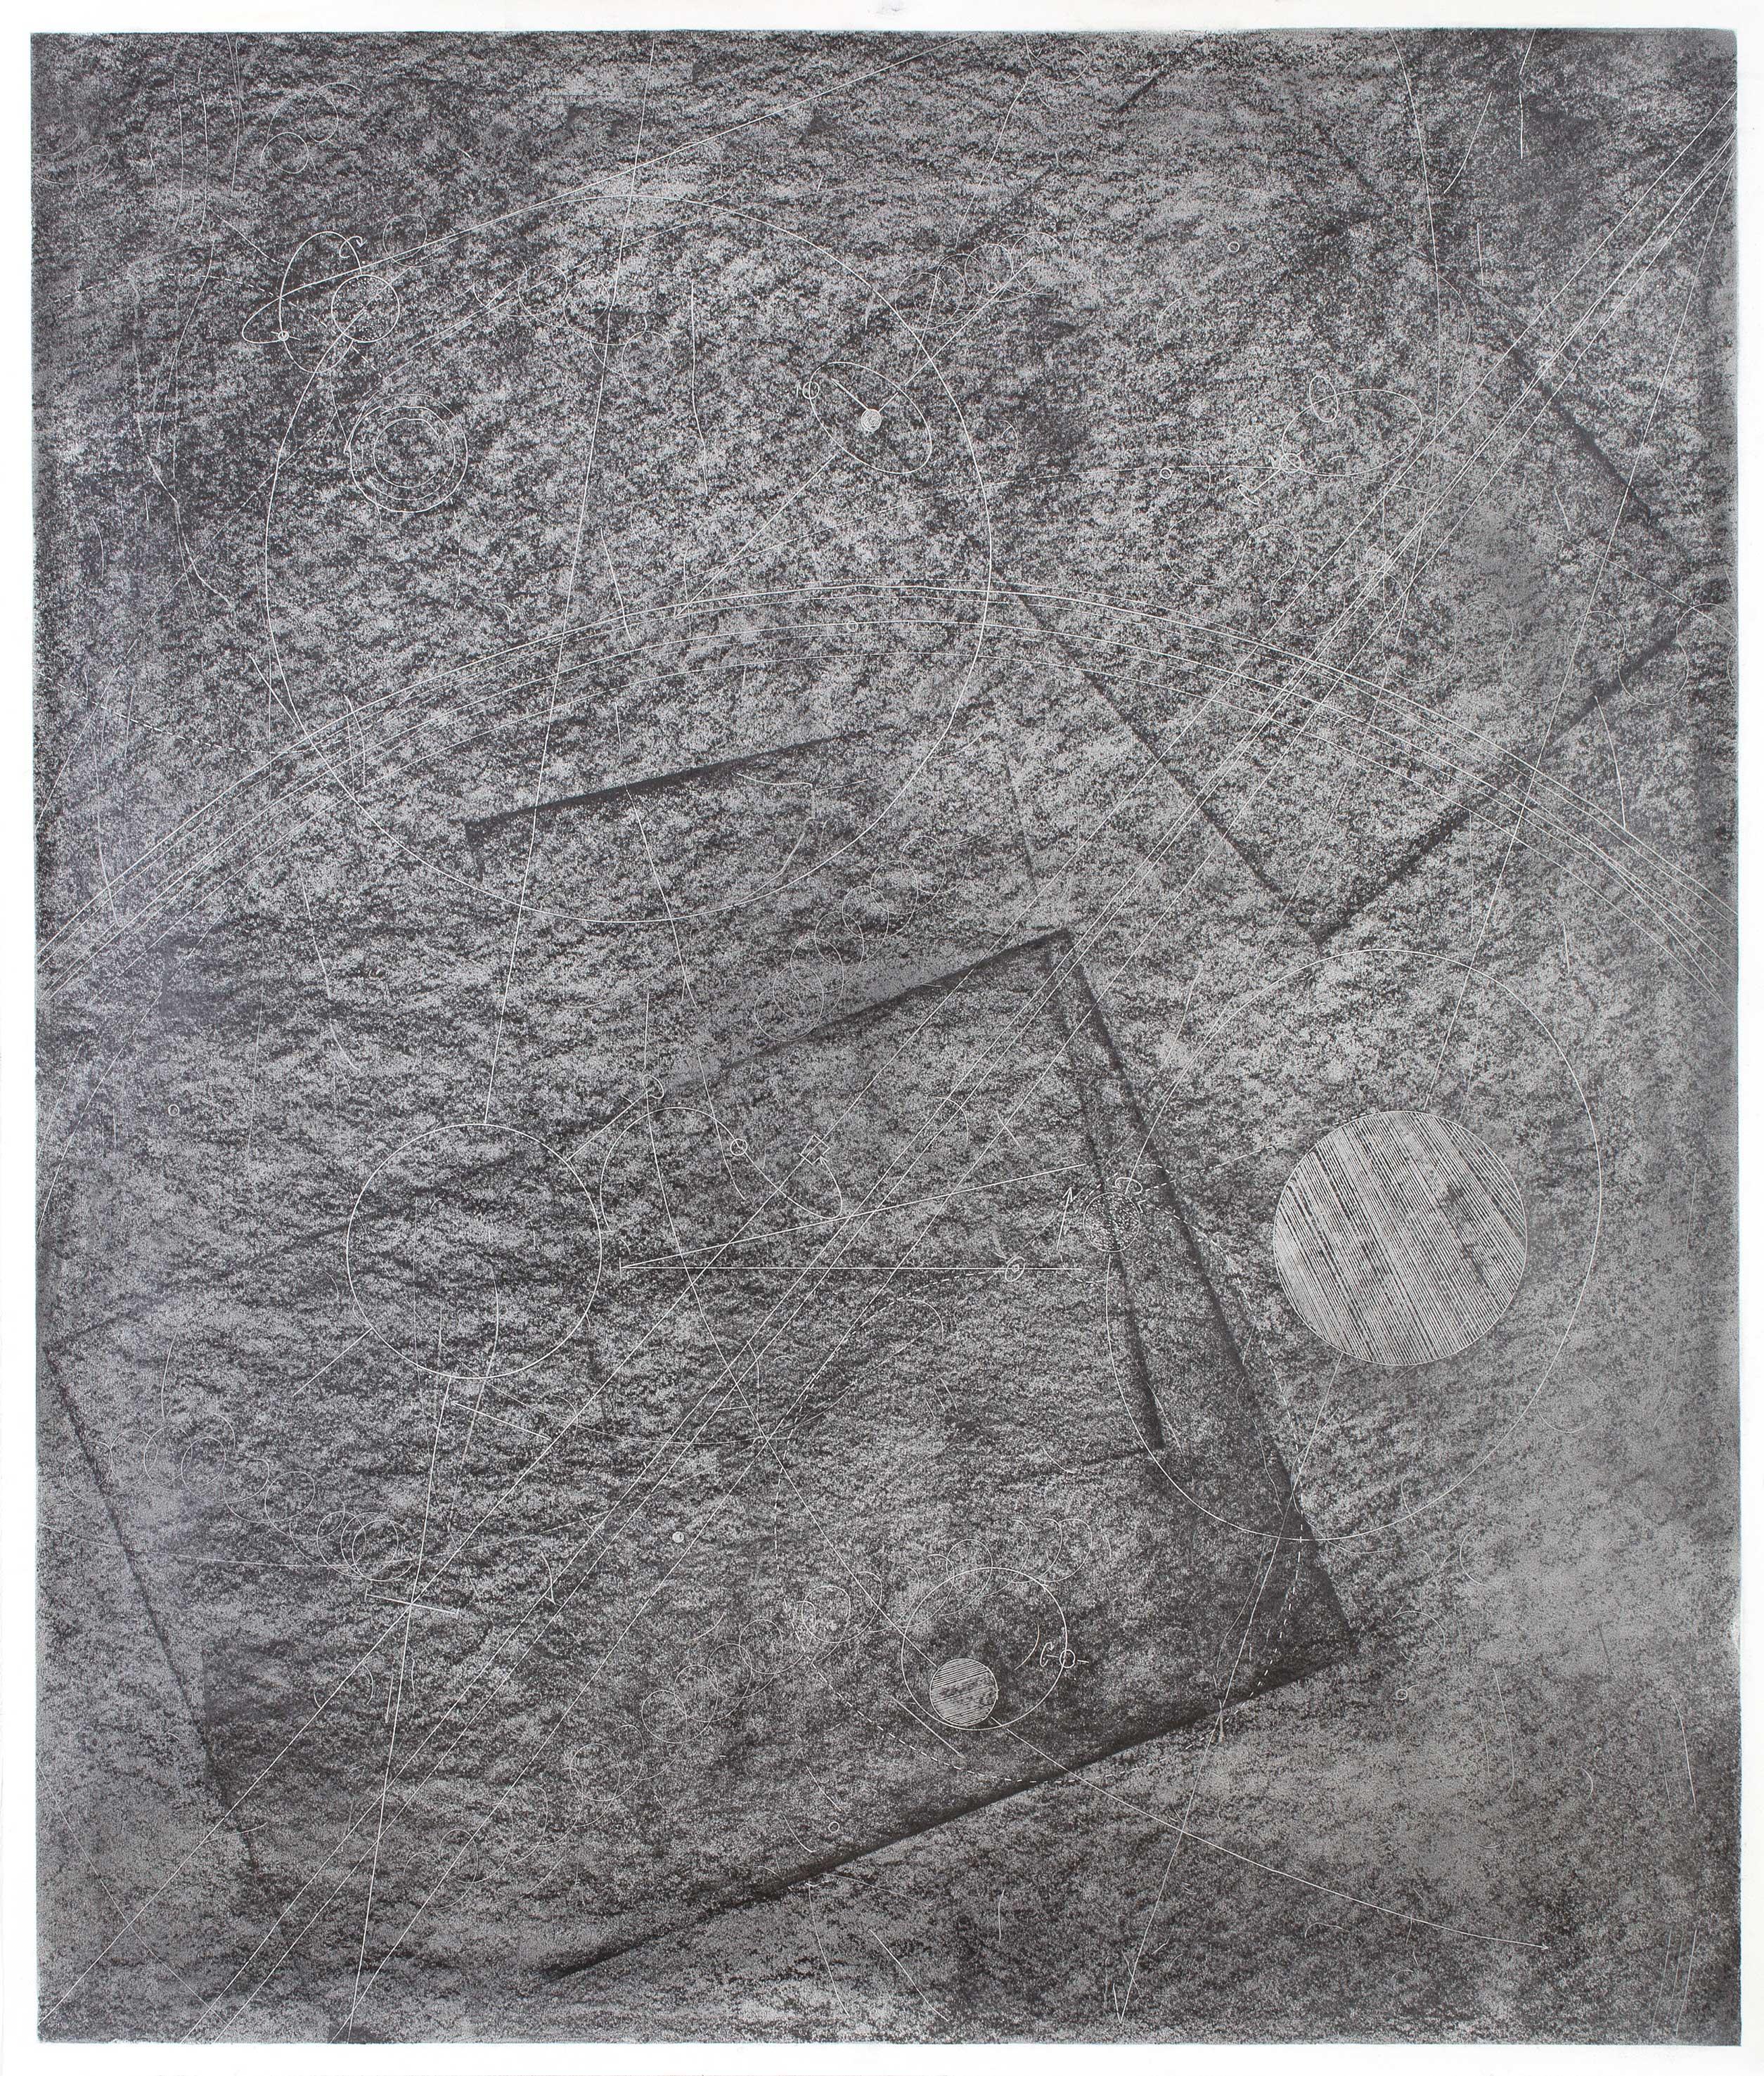 """""""Raumroute I"""" 110 x 100 cm Bleistift auf Papier (Foto: Krinzinger Projekte / Jasha Greenberg)"""